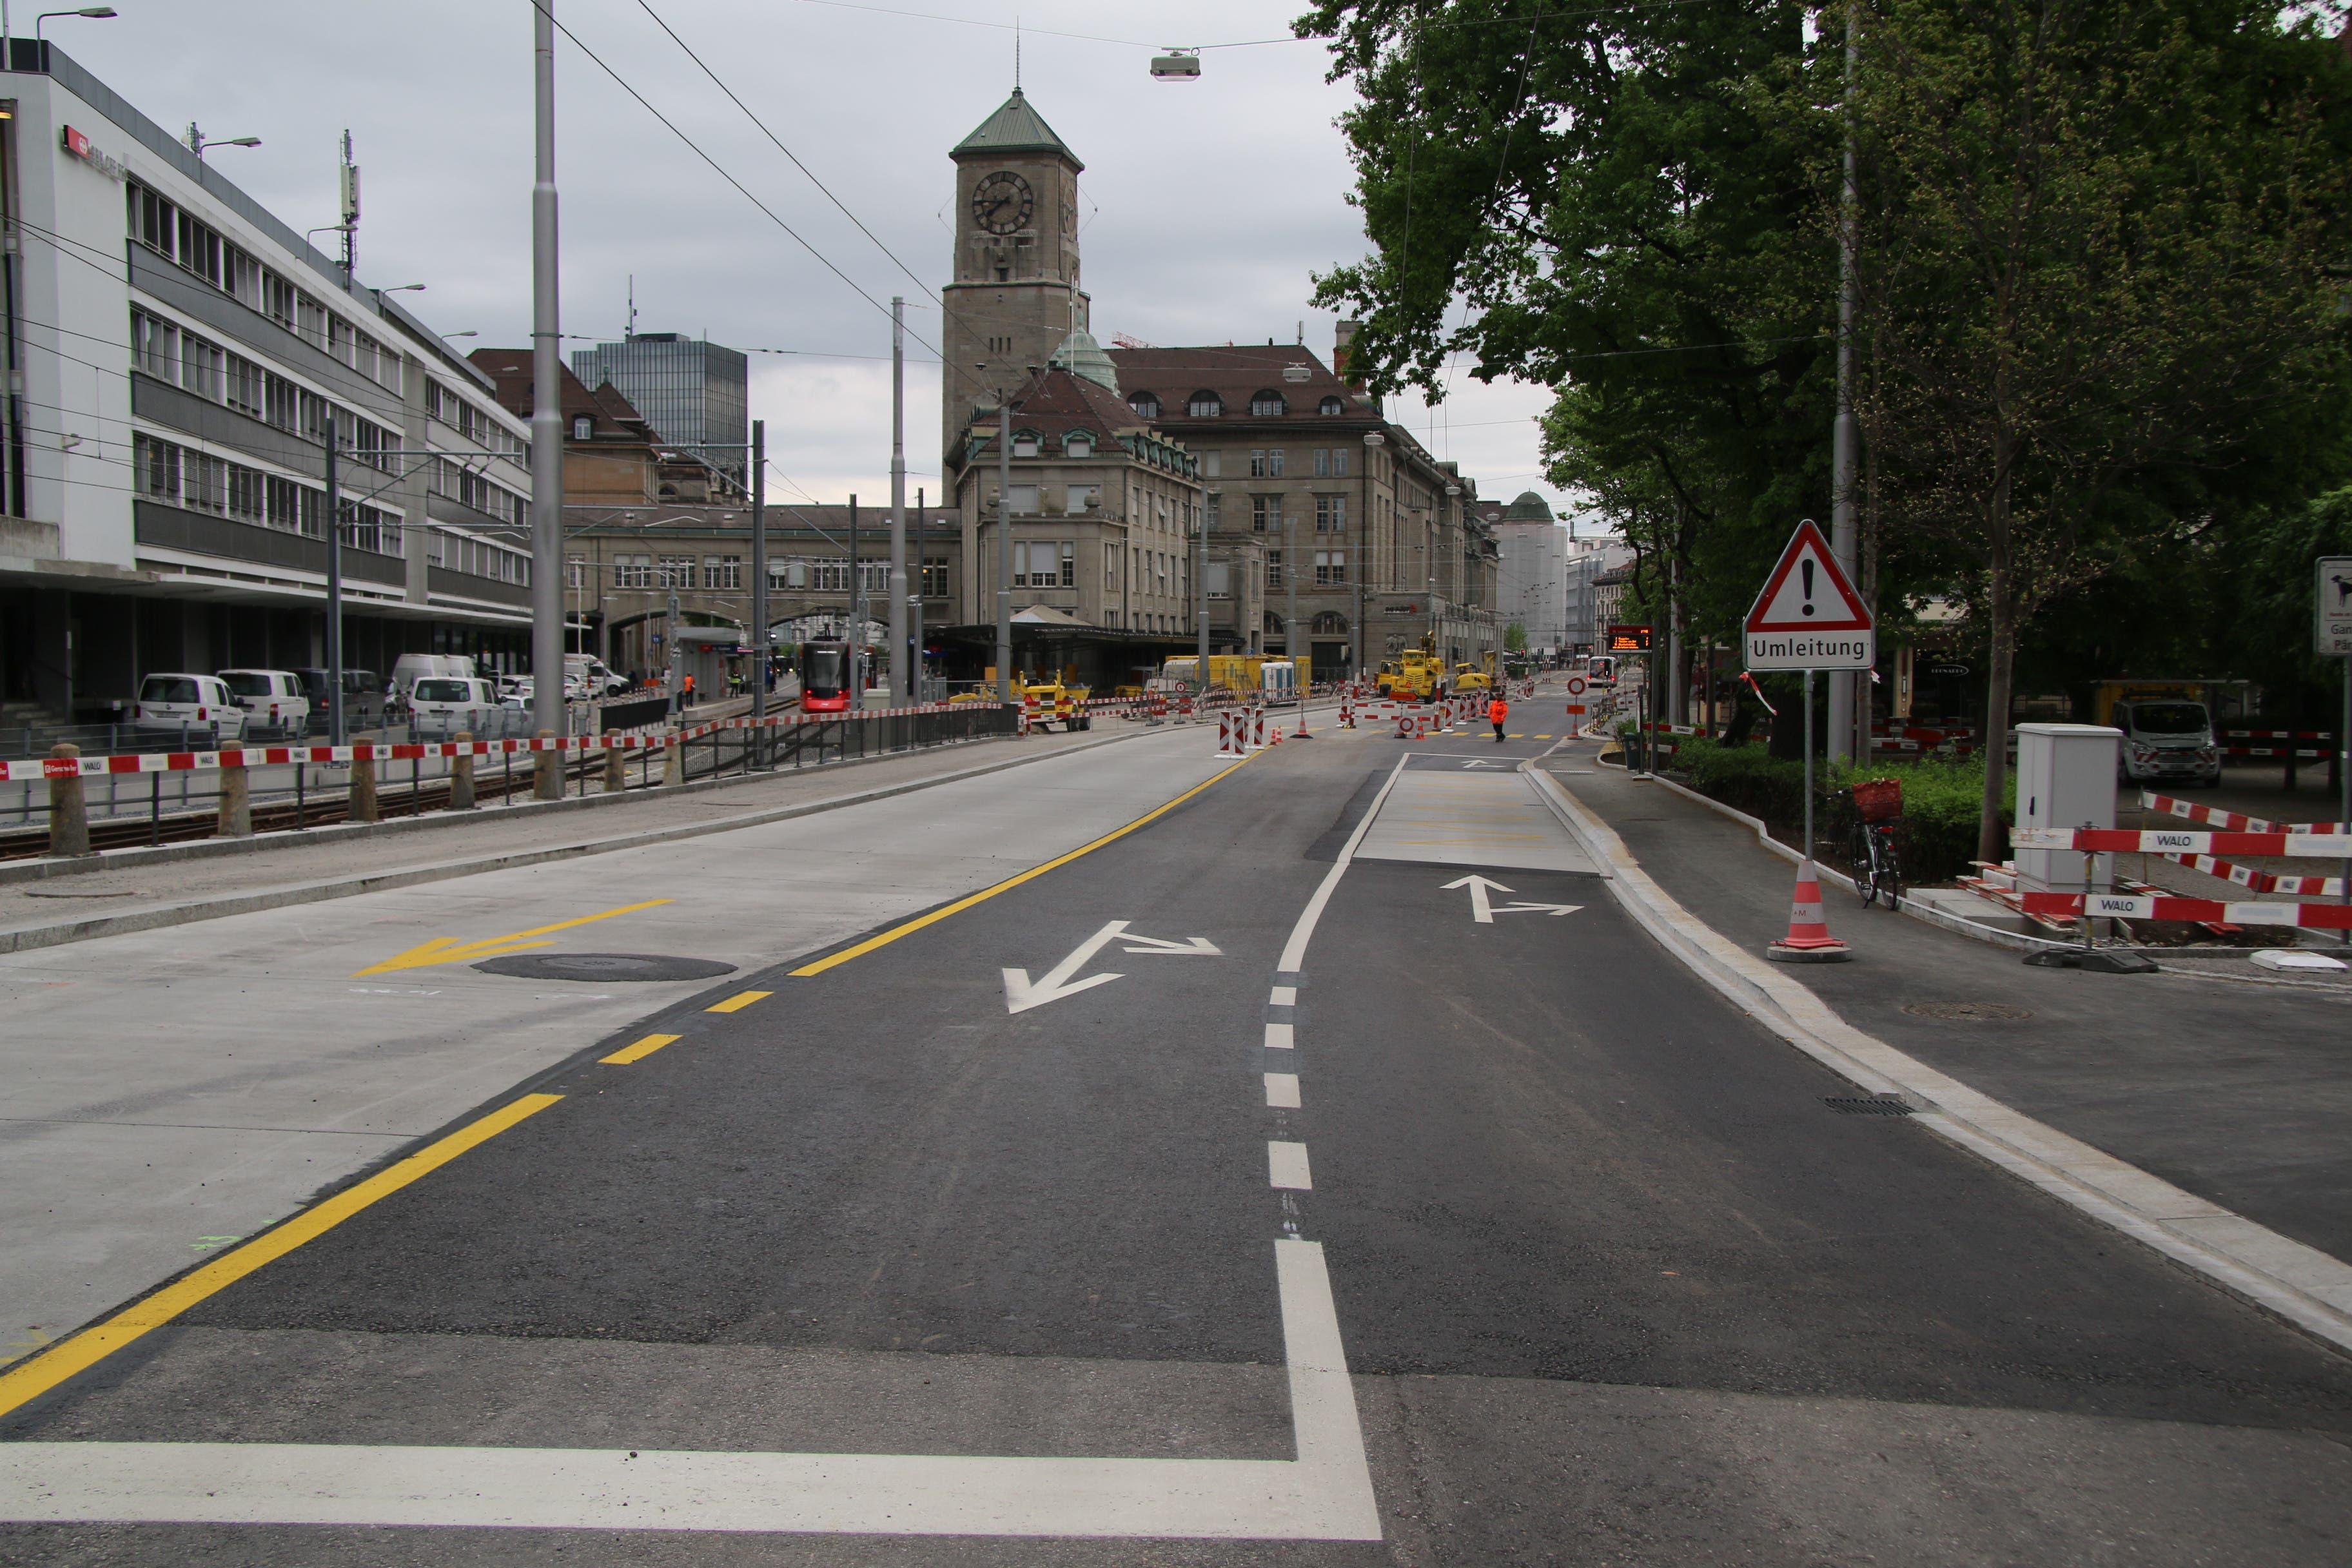 Die St.Leonhard-Strasse mit Blick stadteinwärts. Auf Höhe des Leonhardspärklein ist bereits die künftige Verkehrsfürhung auf den Boden gemalt.